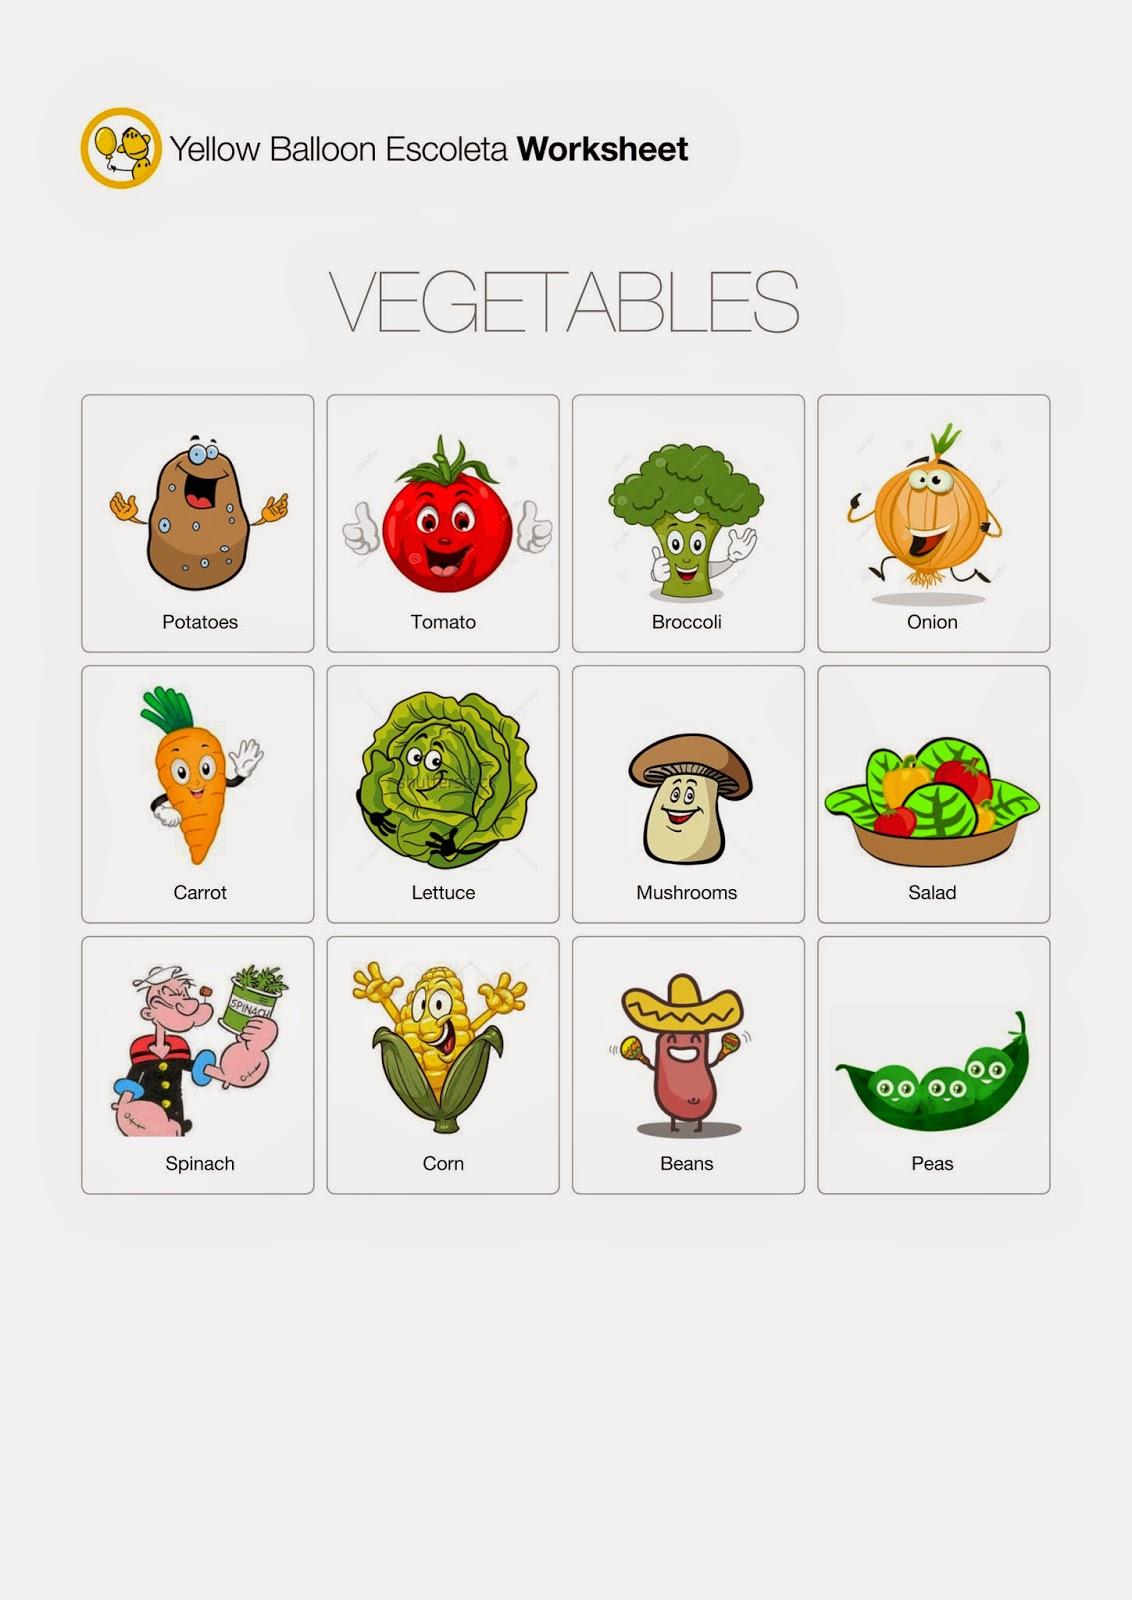 Yellow Balloon Escoleta Vegetables Worksheet